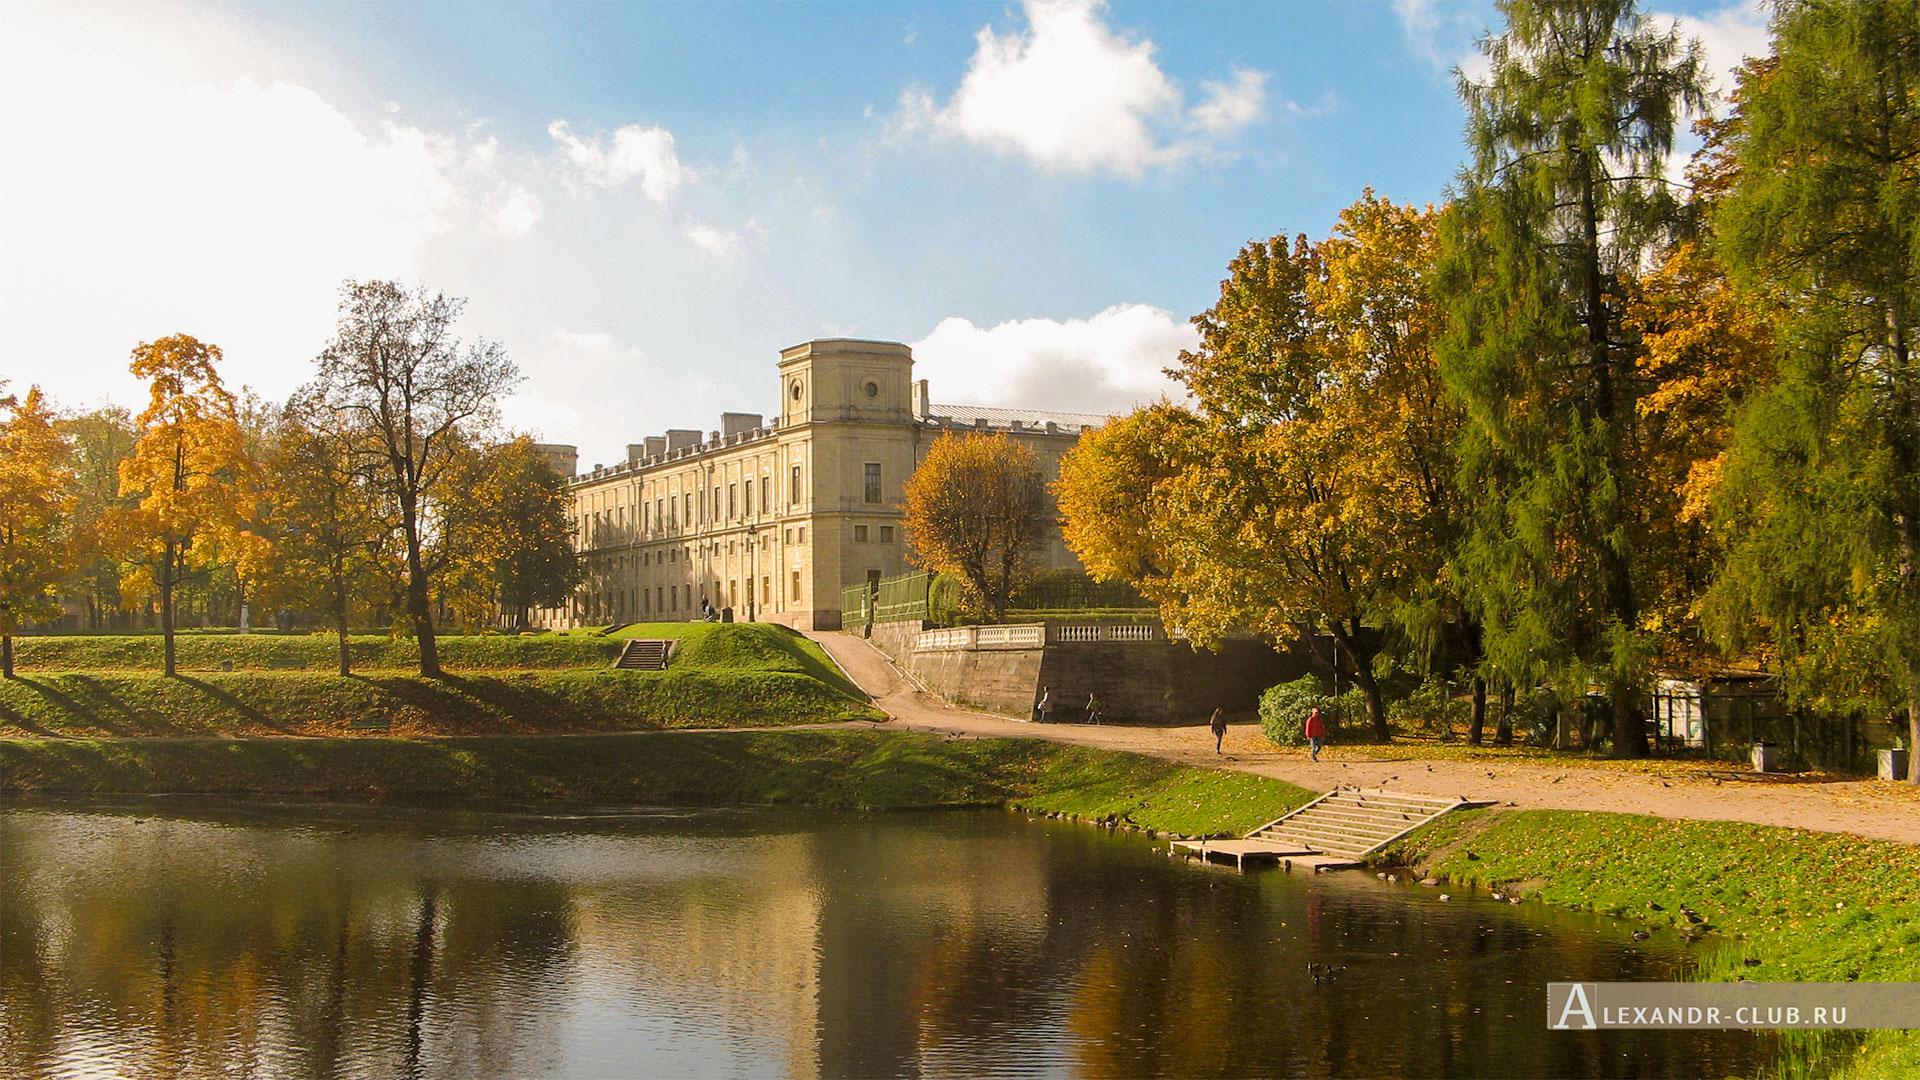 Гатчина, Гатчинский дворец, осень, терраса Собственного садика